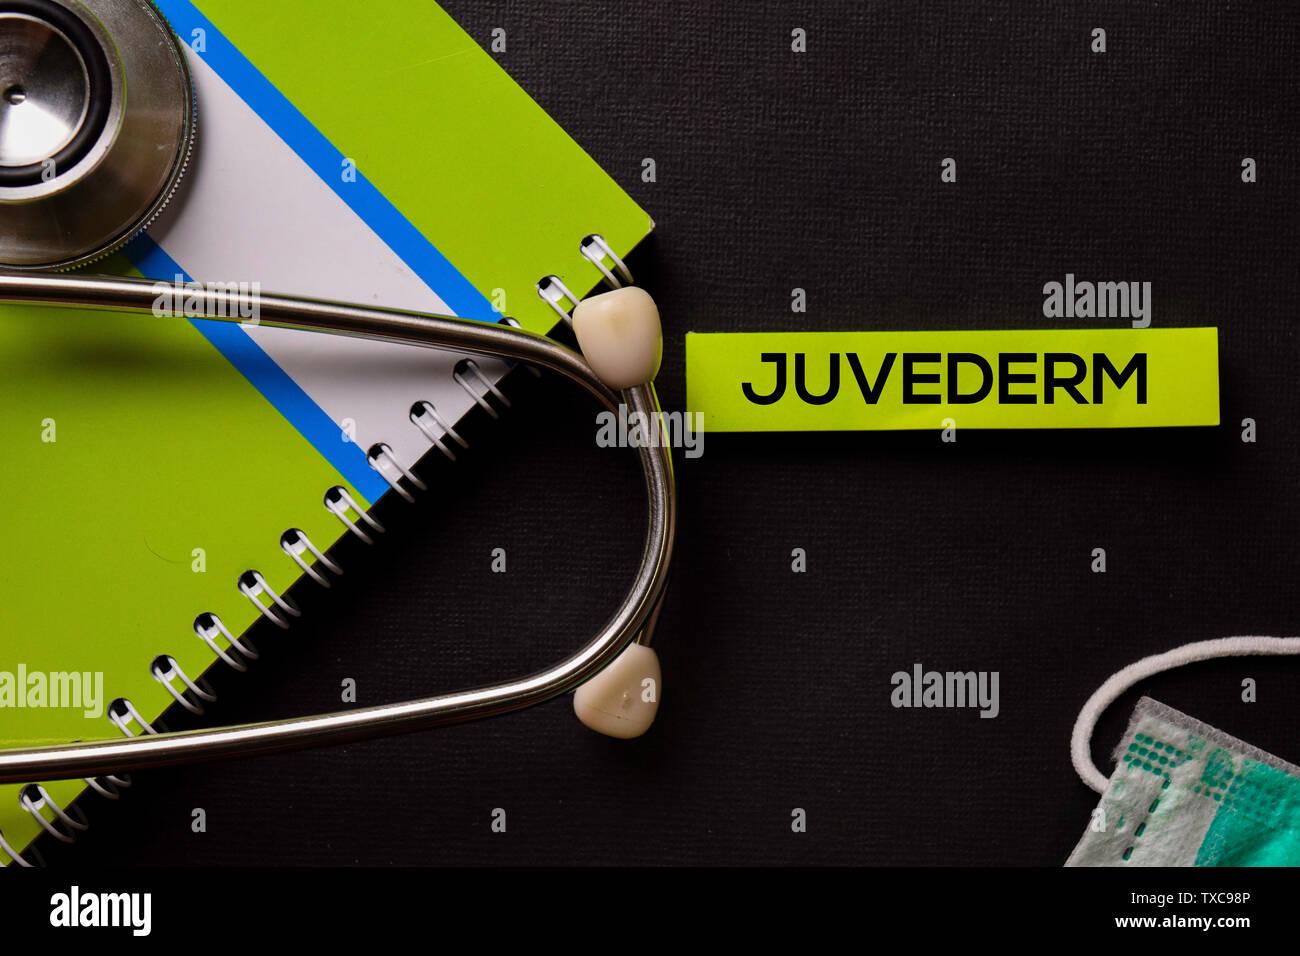 Juvéderm Stock Photos & Juvéderm Stock Images - Alamy